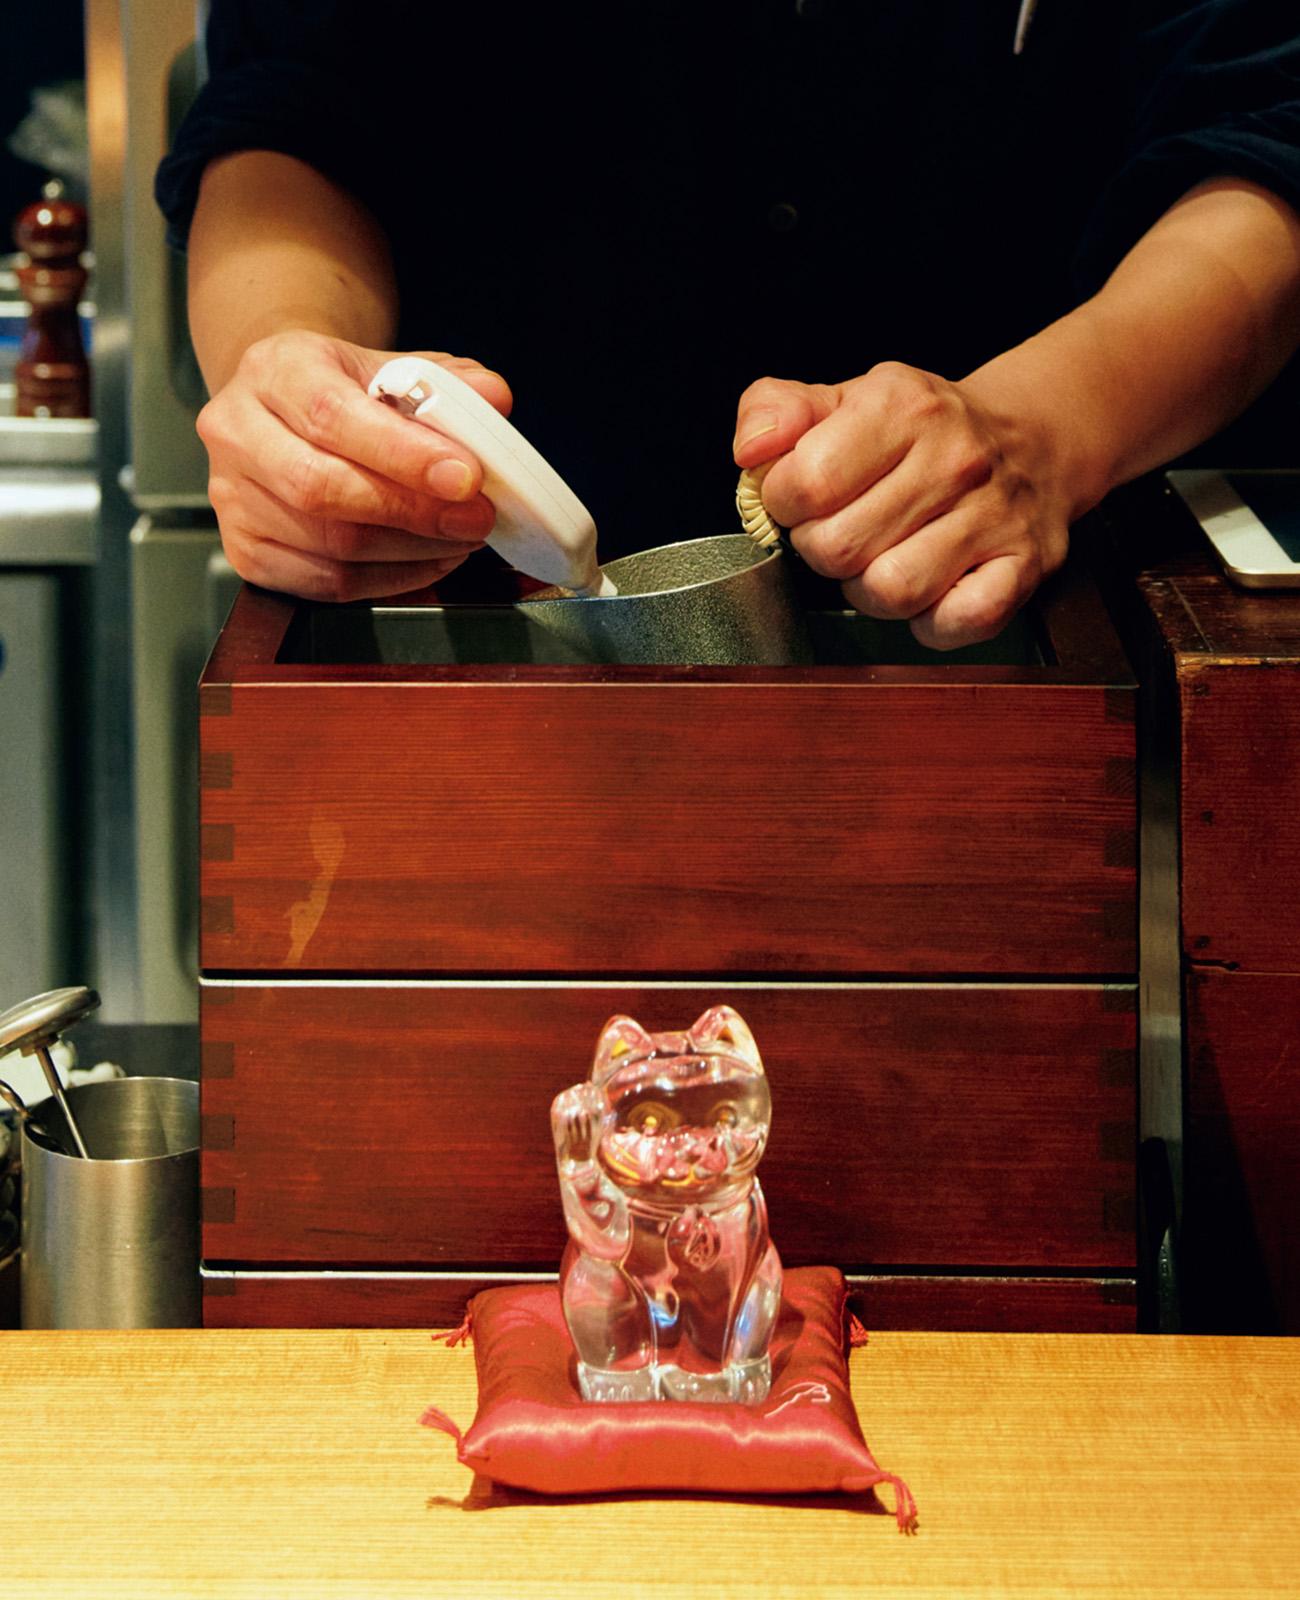 純米酒とナチュラルワインがメイン。〈高太郎〉仕込みの燗酒は健在。